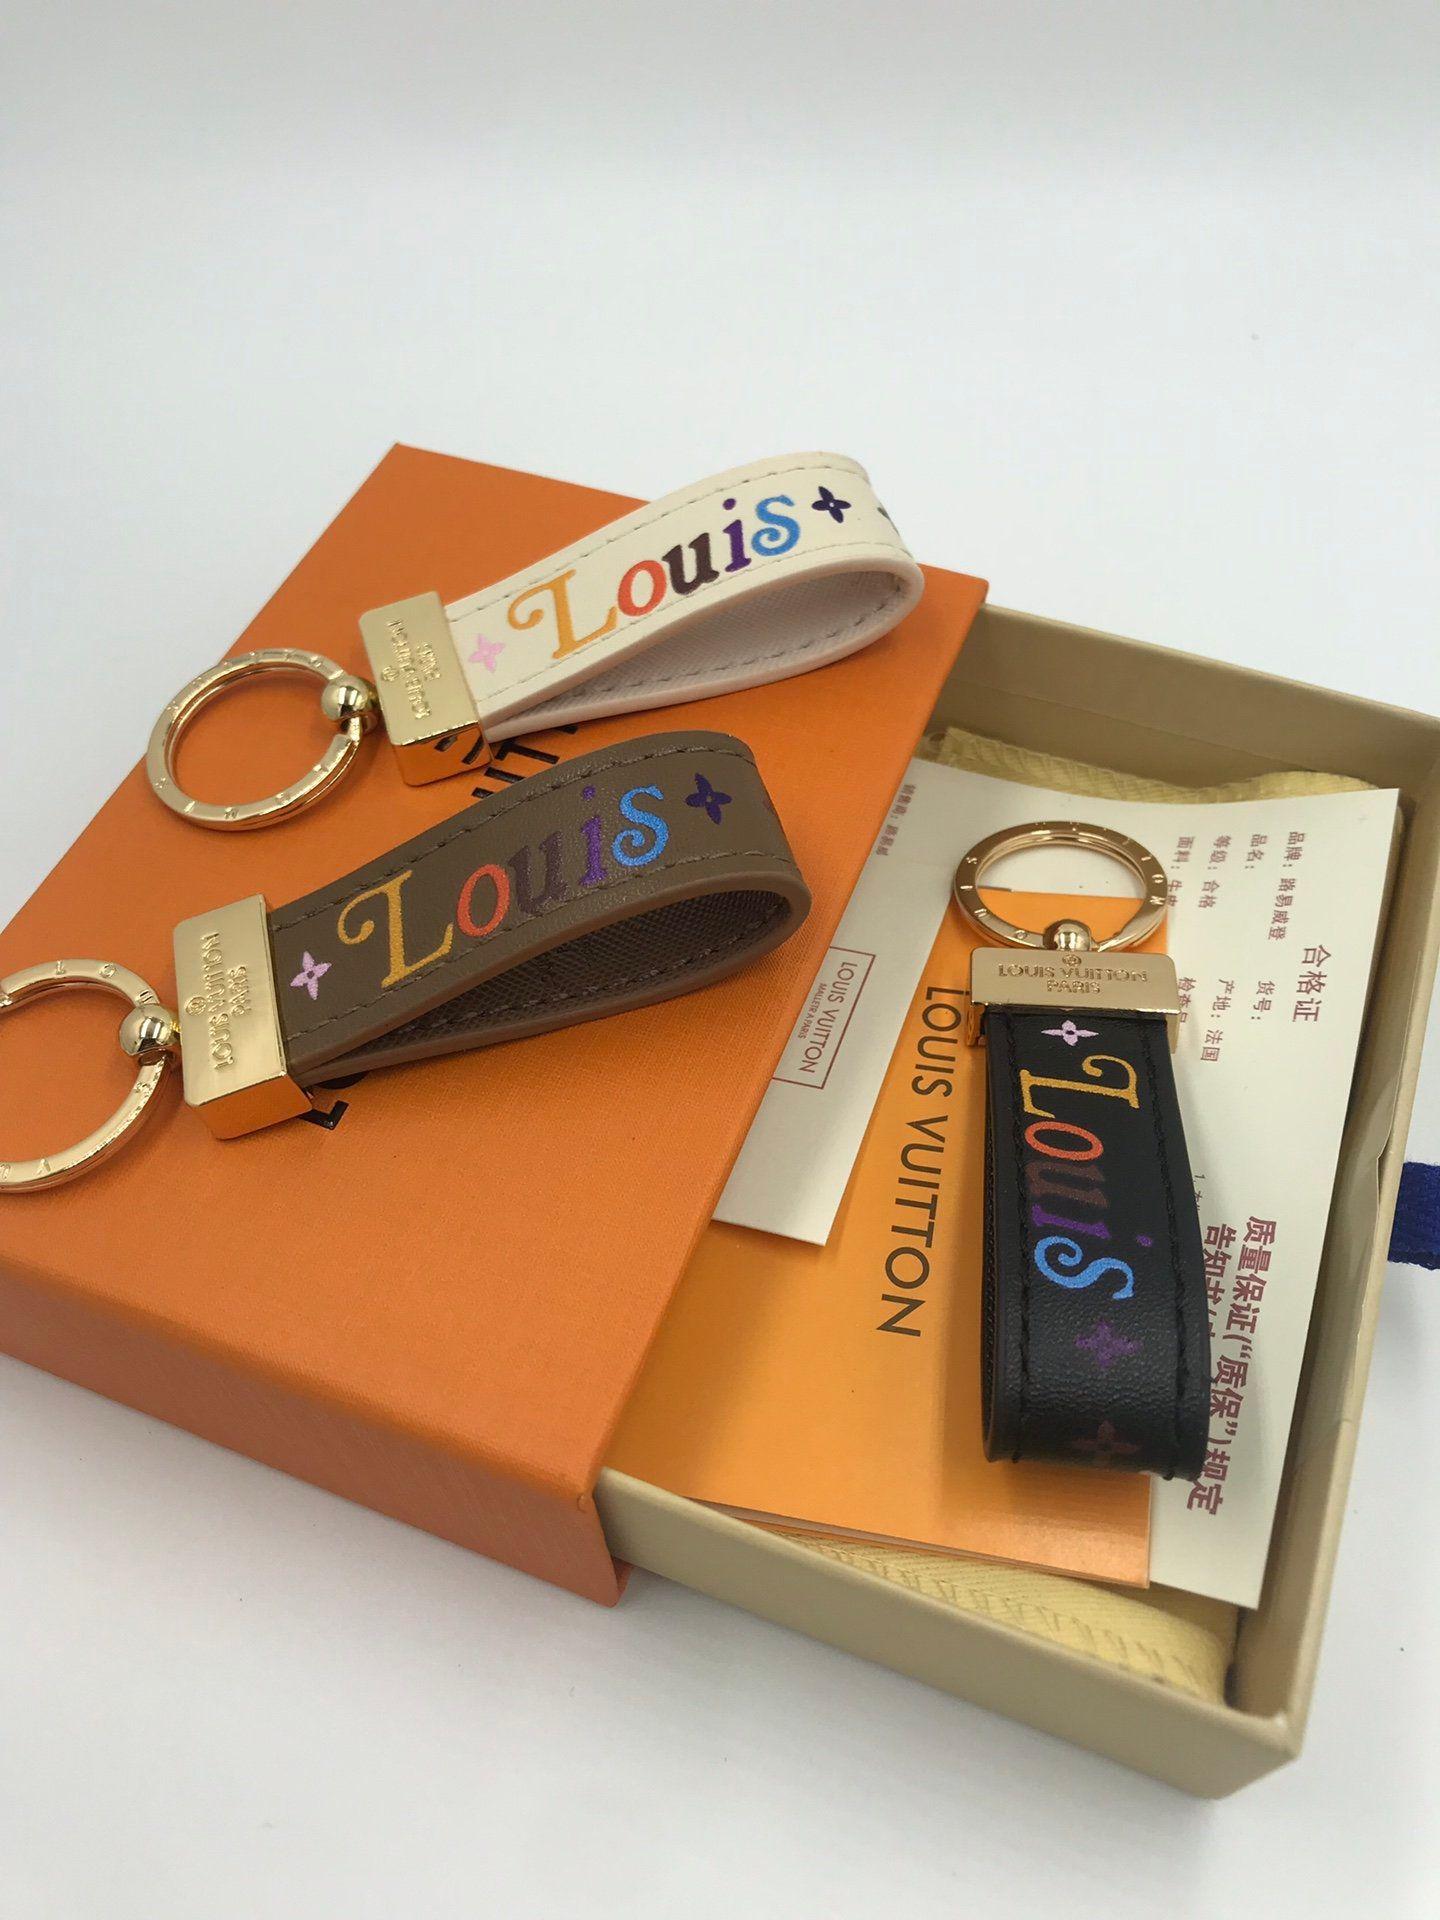 Kutu Şık yeni torba deri anahtarlık Lüks tasarımcı çanta takılar ile anahtarlık aşk mektubu deri cep telefonu zincir Pandantifle K29